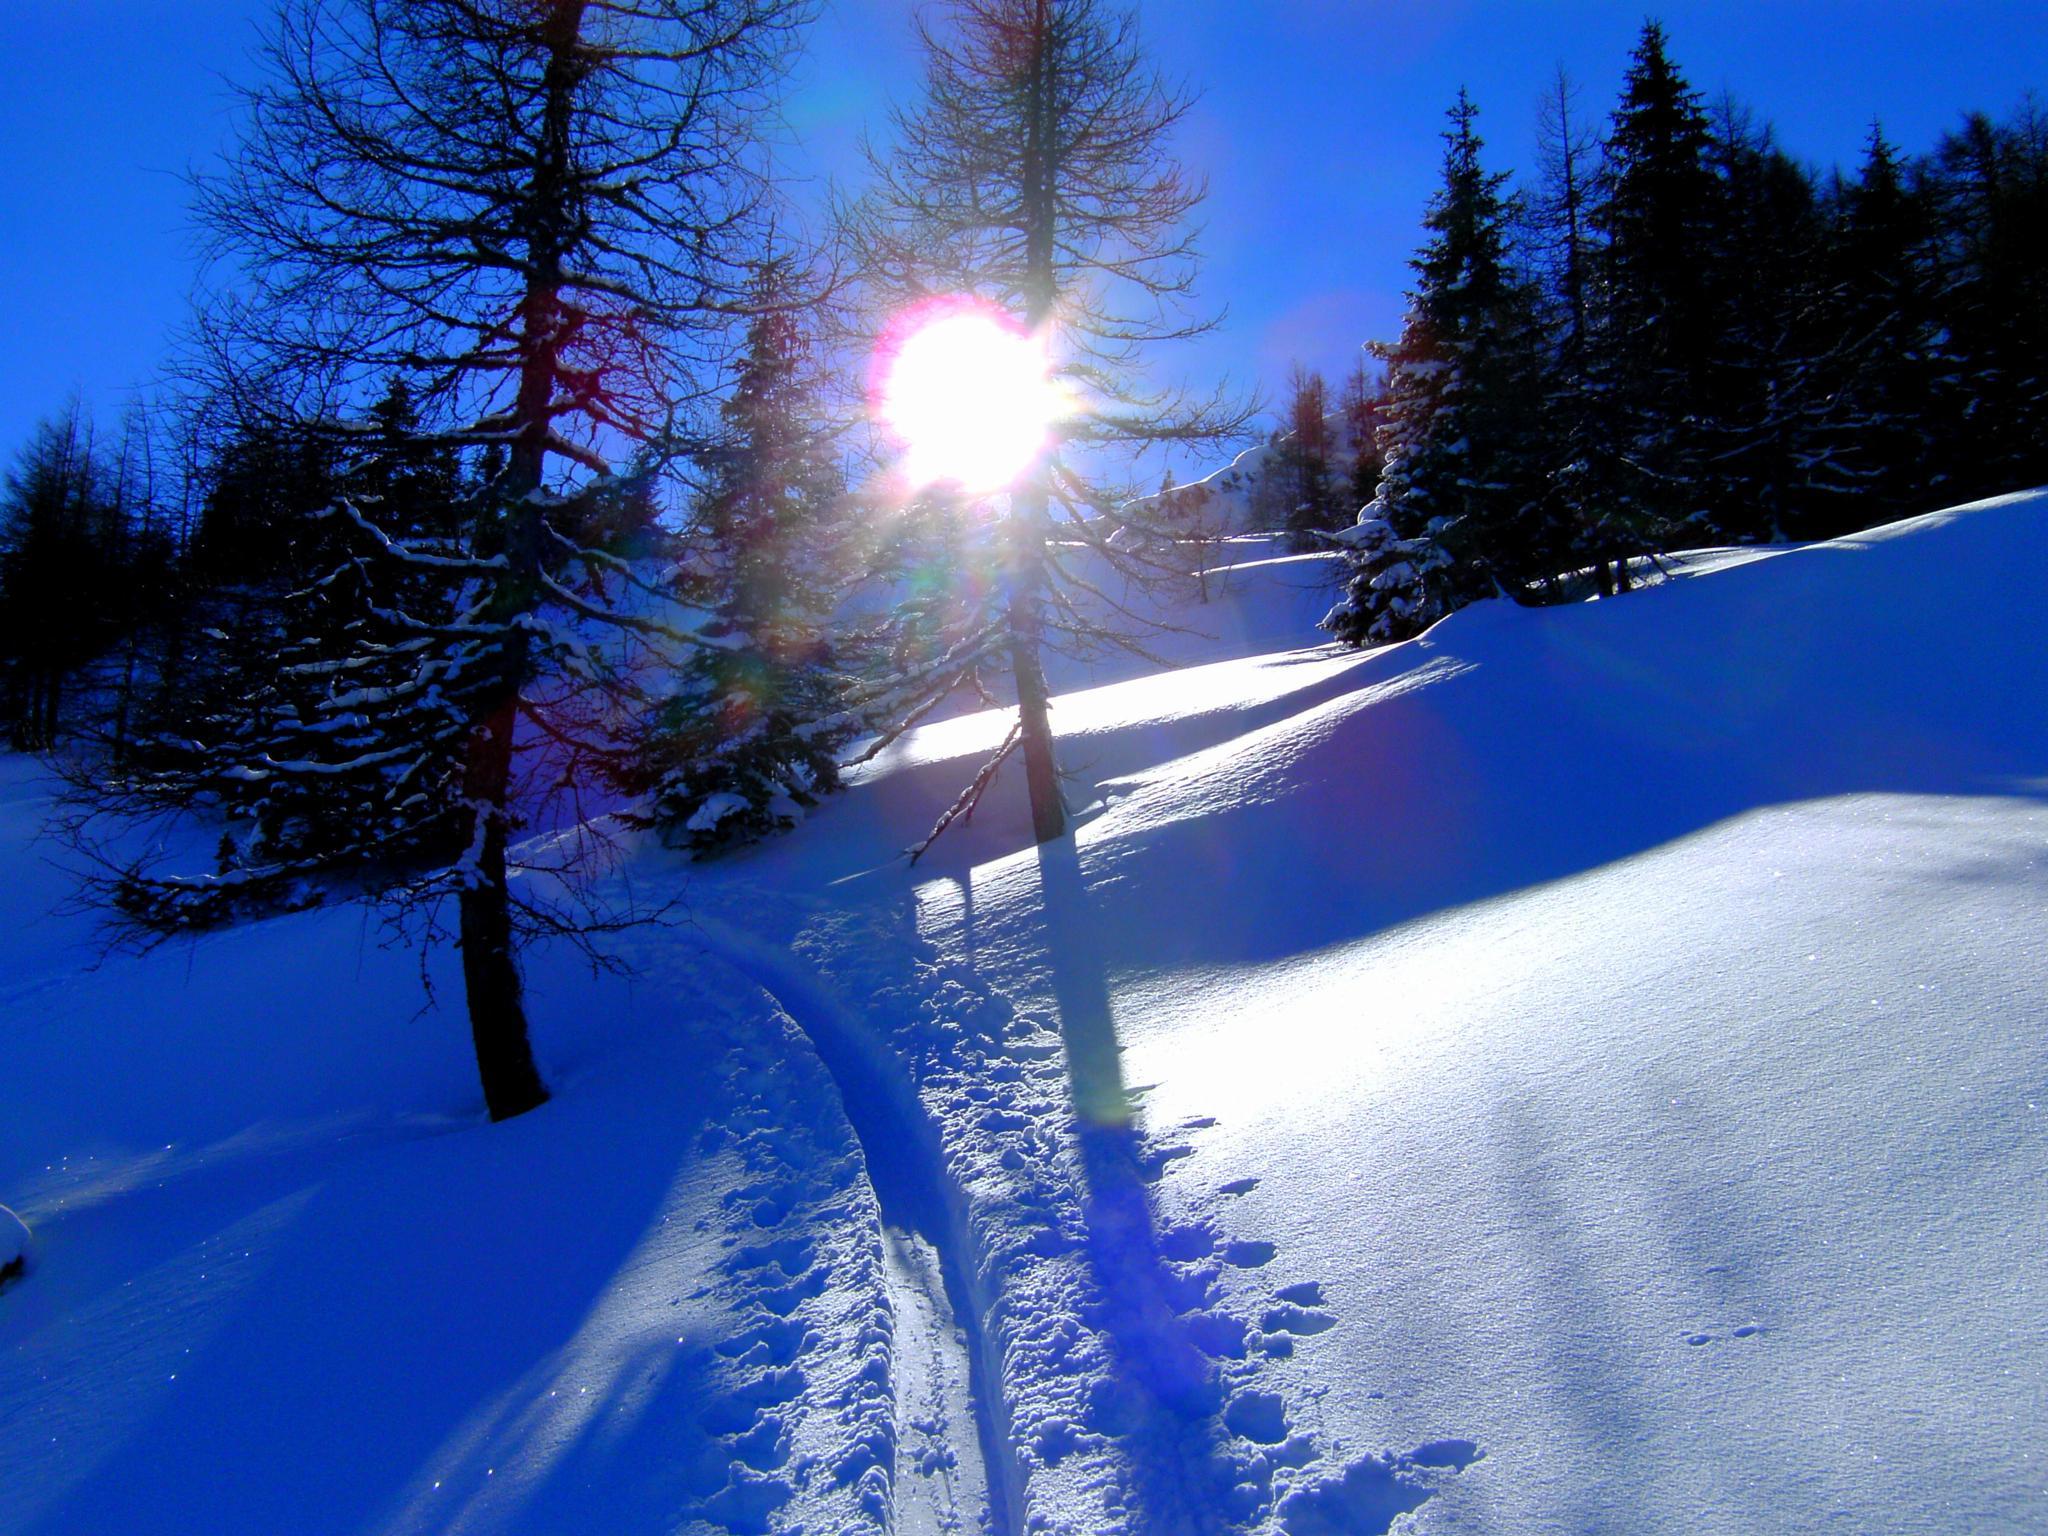 winter in austria by Sandra Lichtkoppler